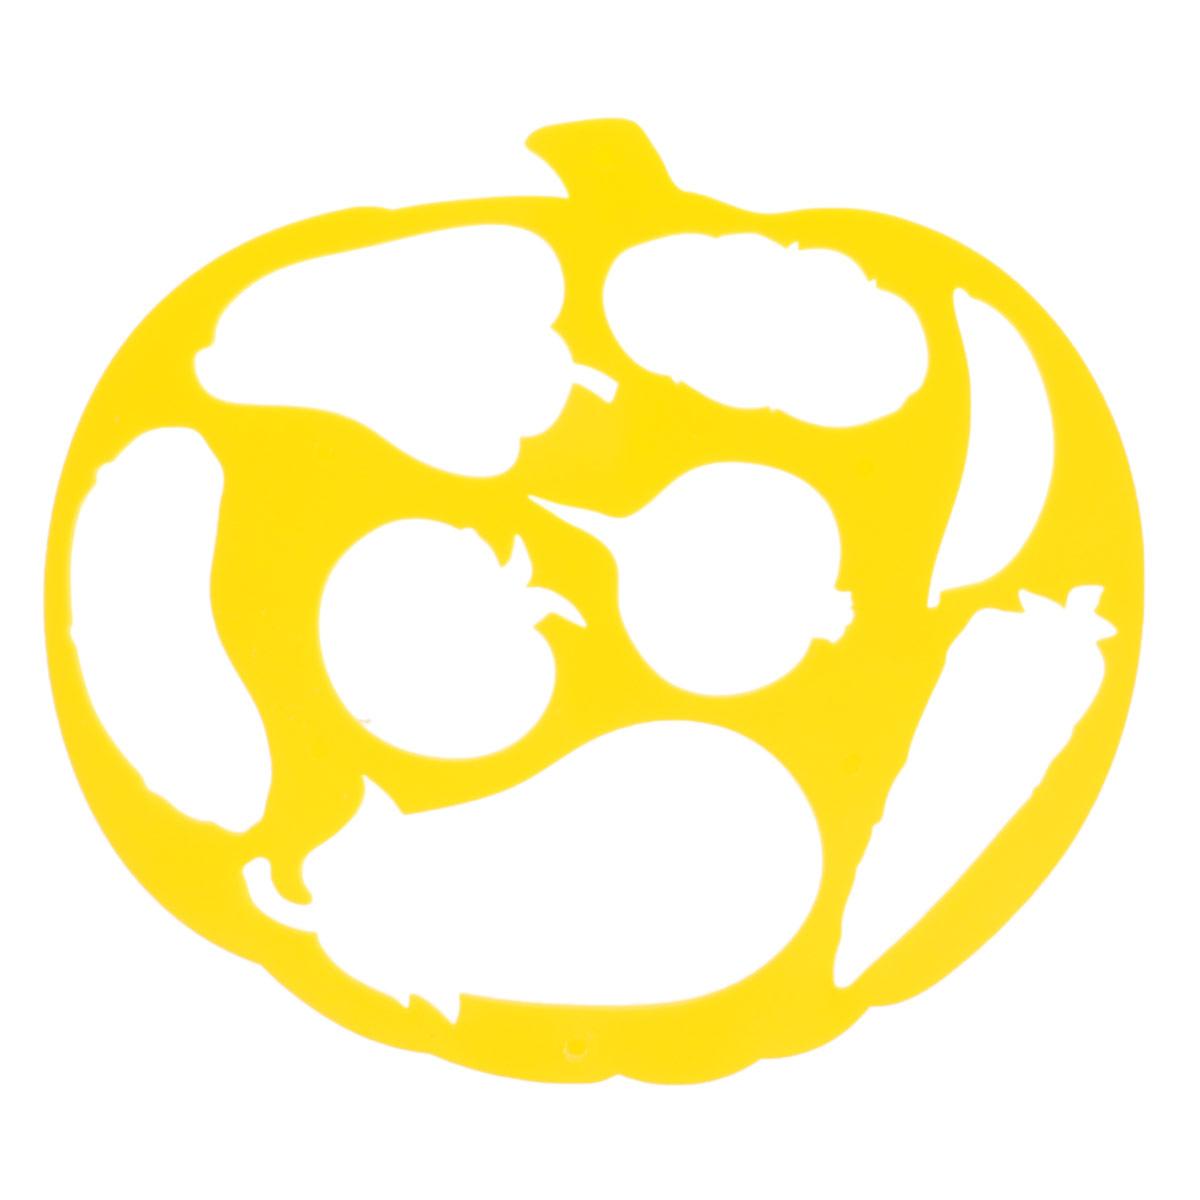 Трафарет фигурный Тыква и овощи, цвет: желтыйC13671_желтыйТрафарет Тыква и овощи идеально подойдет для изготовления открыток, аппликаций, приглашений и других оригинальных изделий. Трафарет можно использовать для рисования отдельных плодов и композиций из них. Комплект состоит из фигурного трафарета и бумажной основы с изображениями овощей.